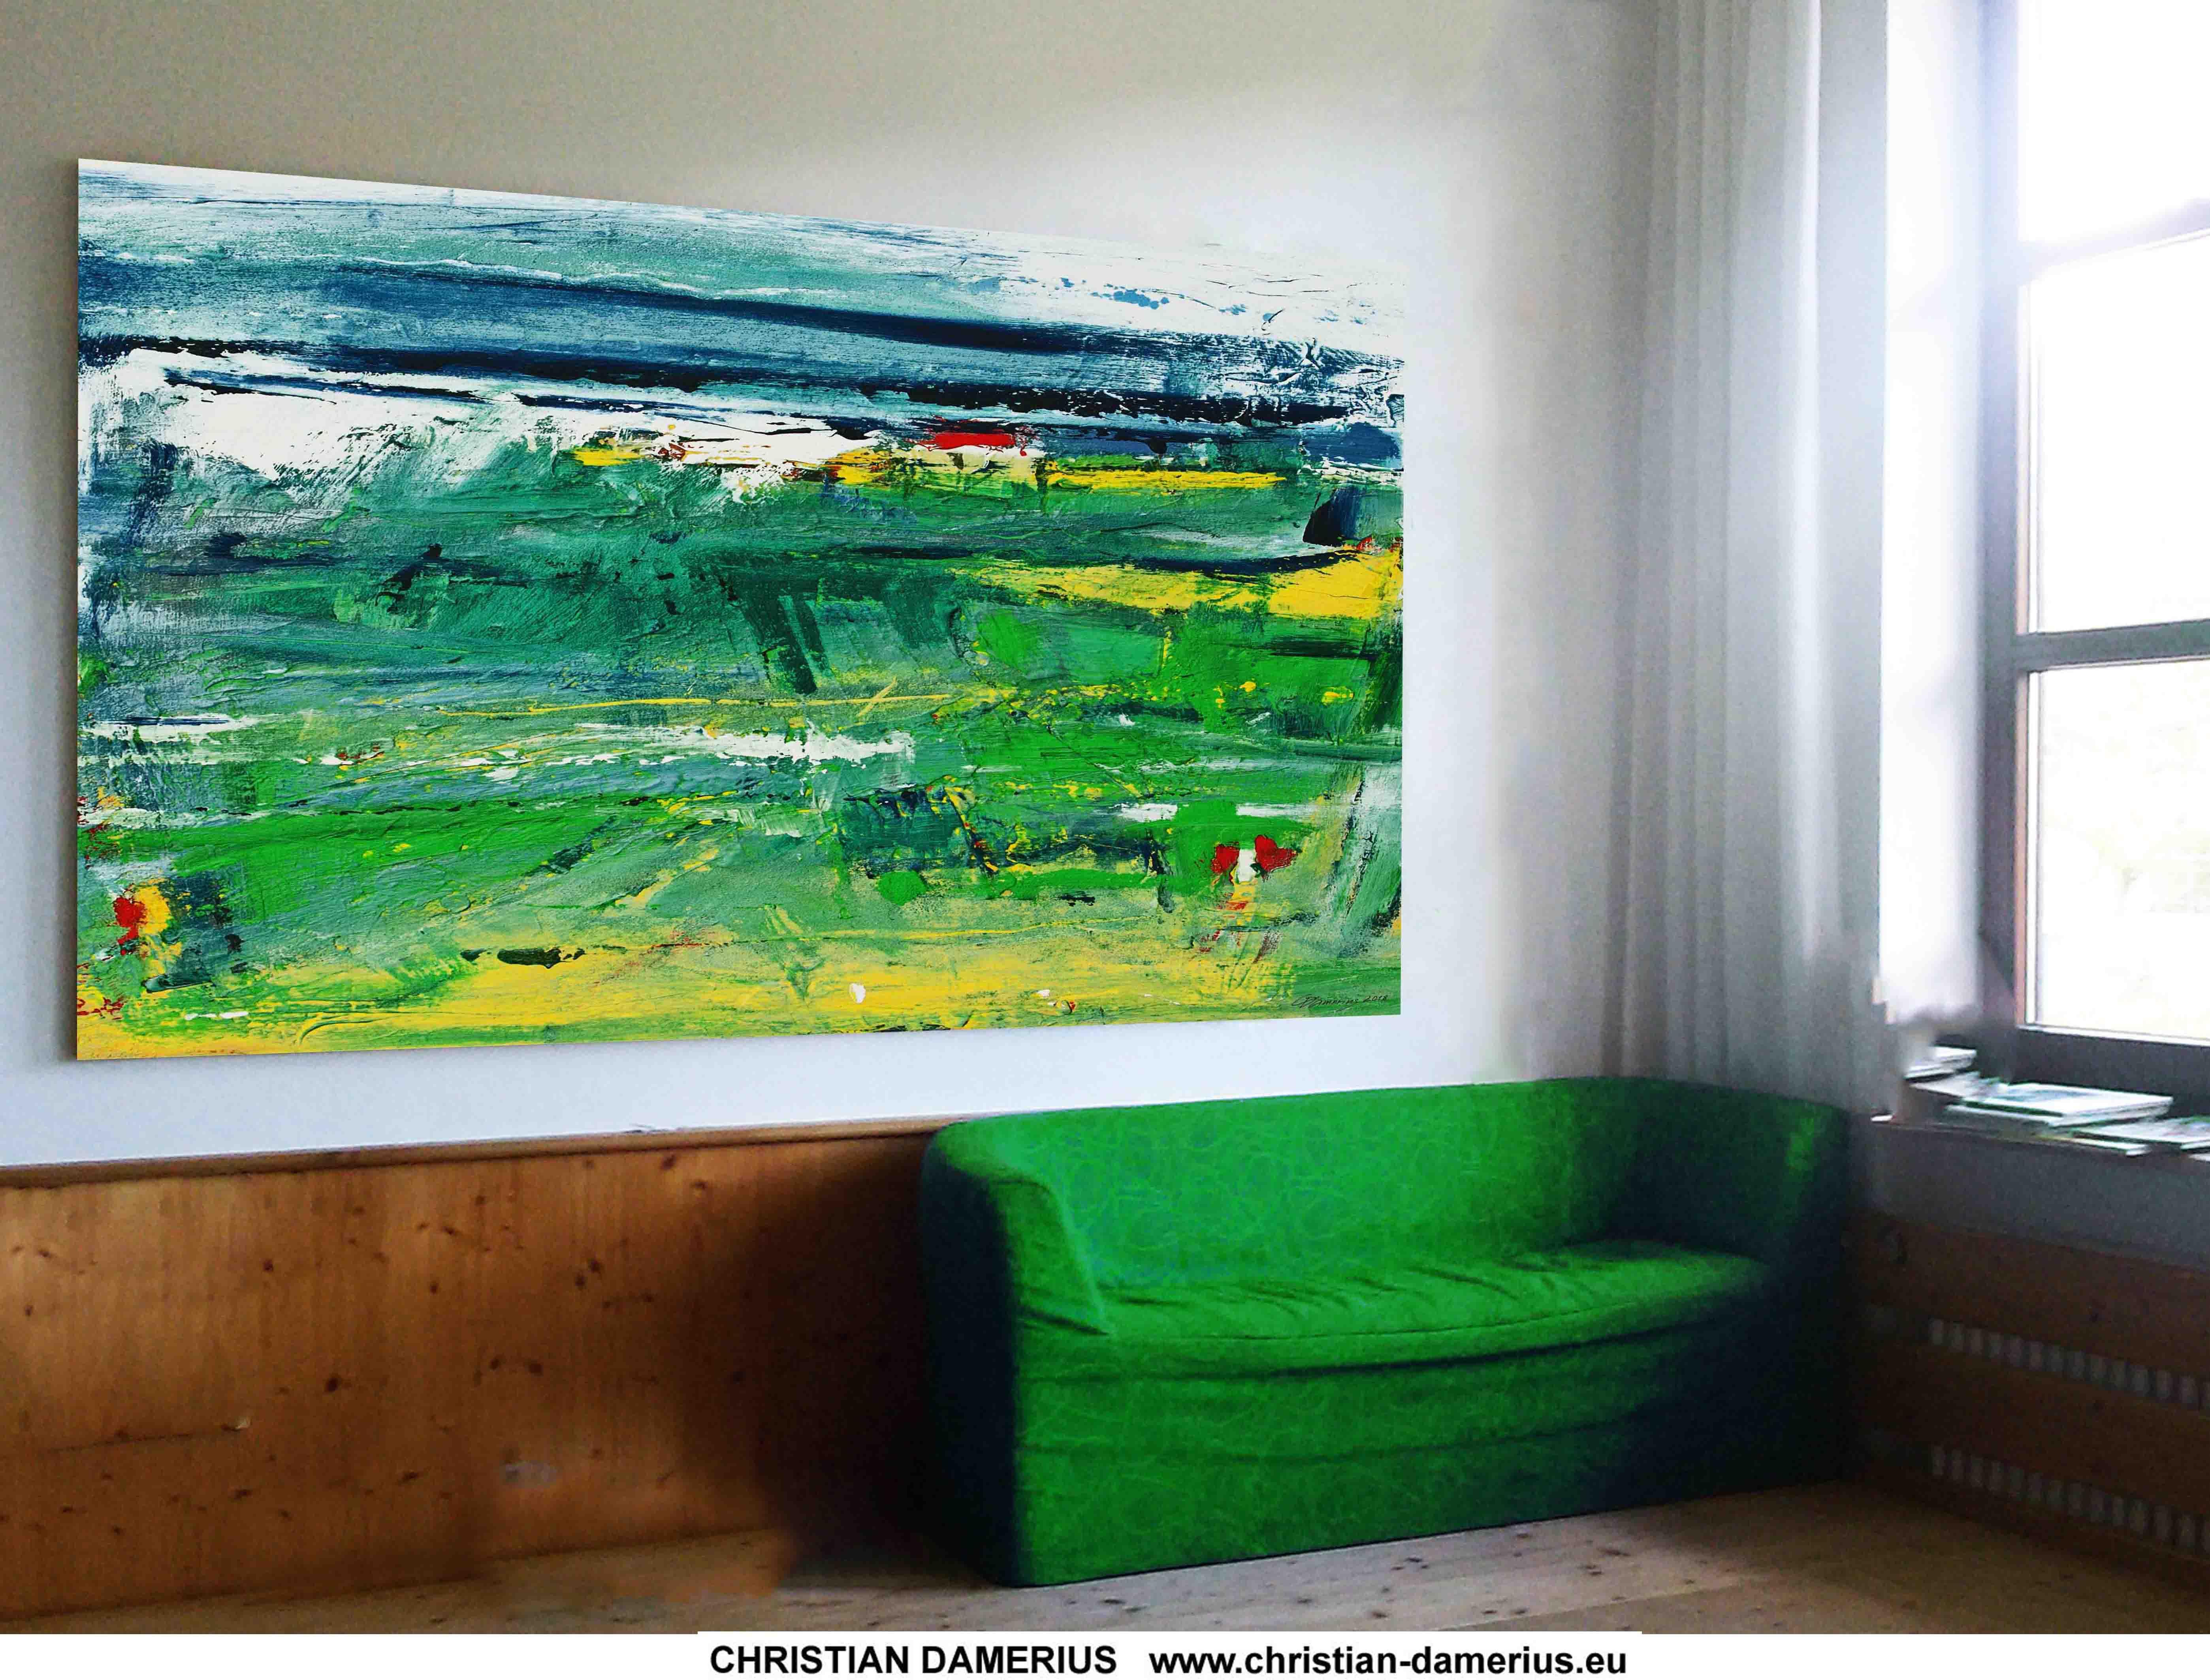 blauer horizont dreiteilig,landschaften kunstdrucke,beliebte kunstdrucke kaufen,landschaftsmalerei gemälde,online kaufen,wandgestaltung mit bildern,tipps für wandgestaltung mit bildern,schöner wohnen mit bildern,